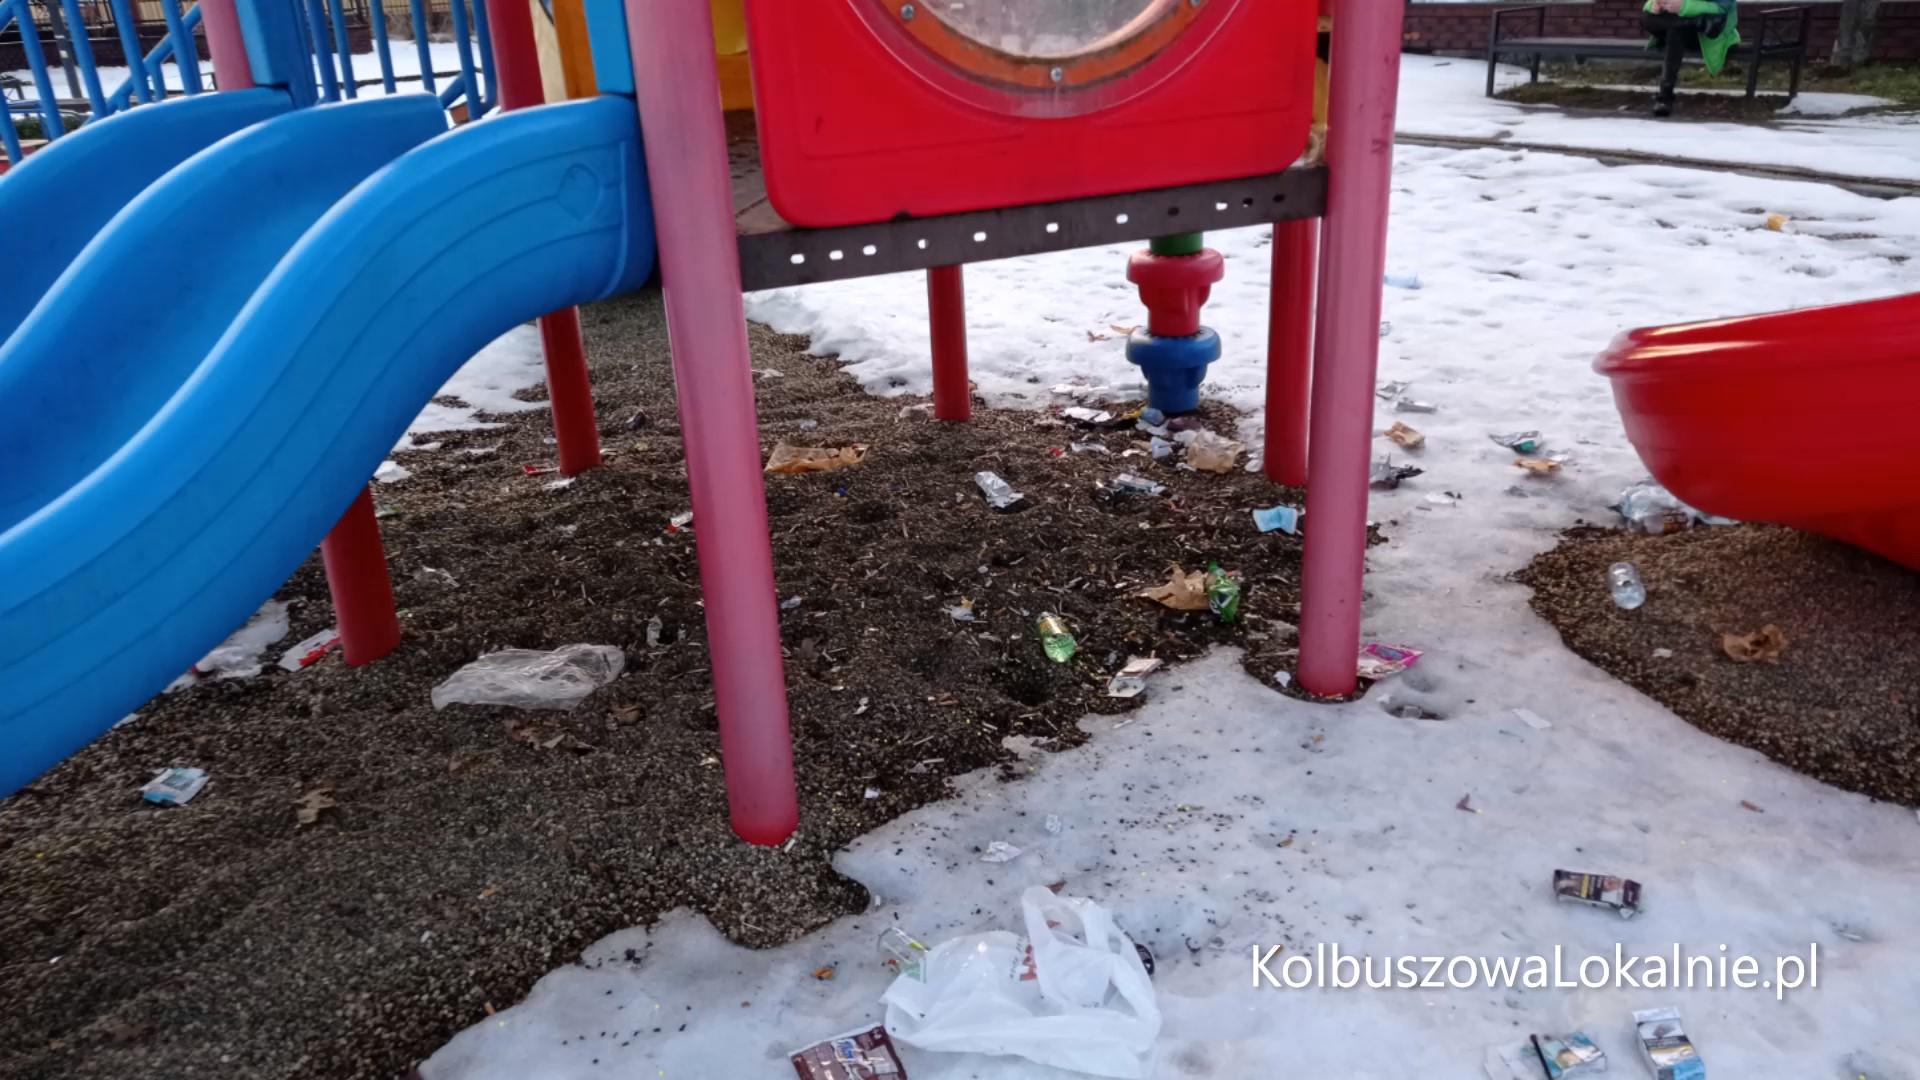 Ogródek Jordanowski w śmieciach [FOTO, WIDEO]